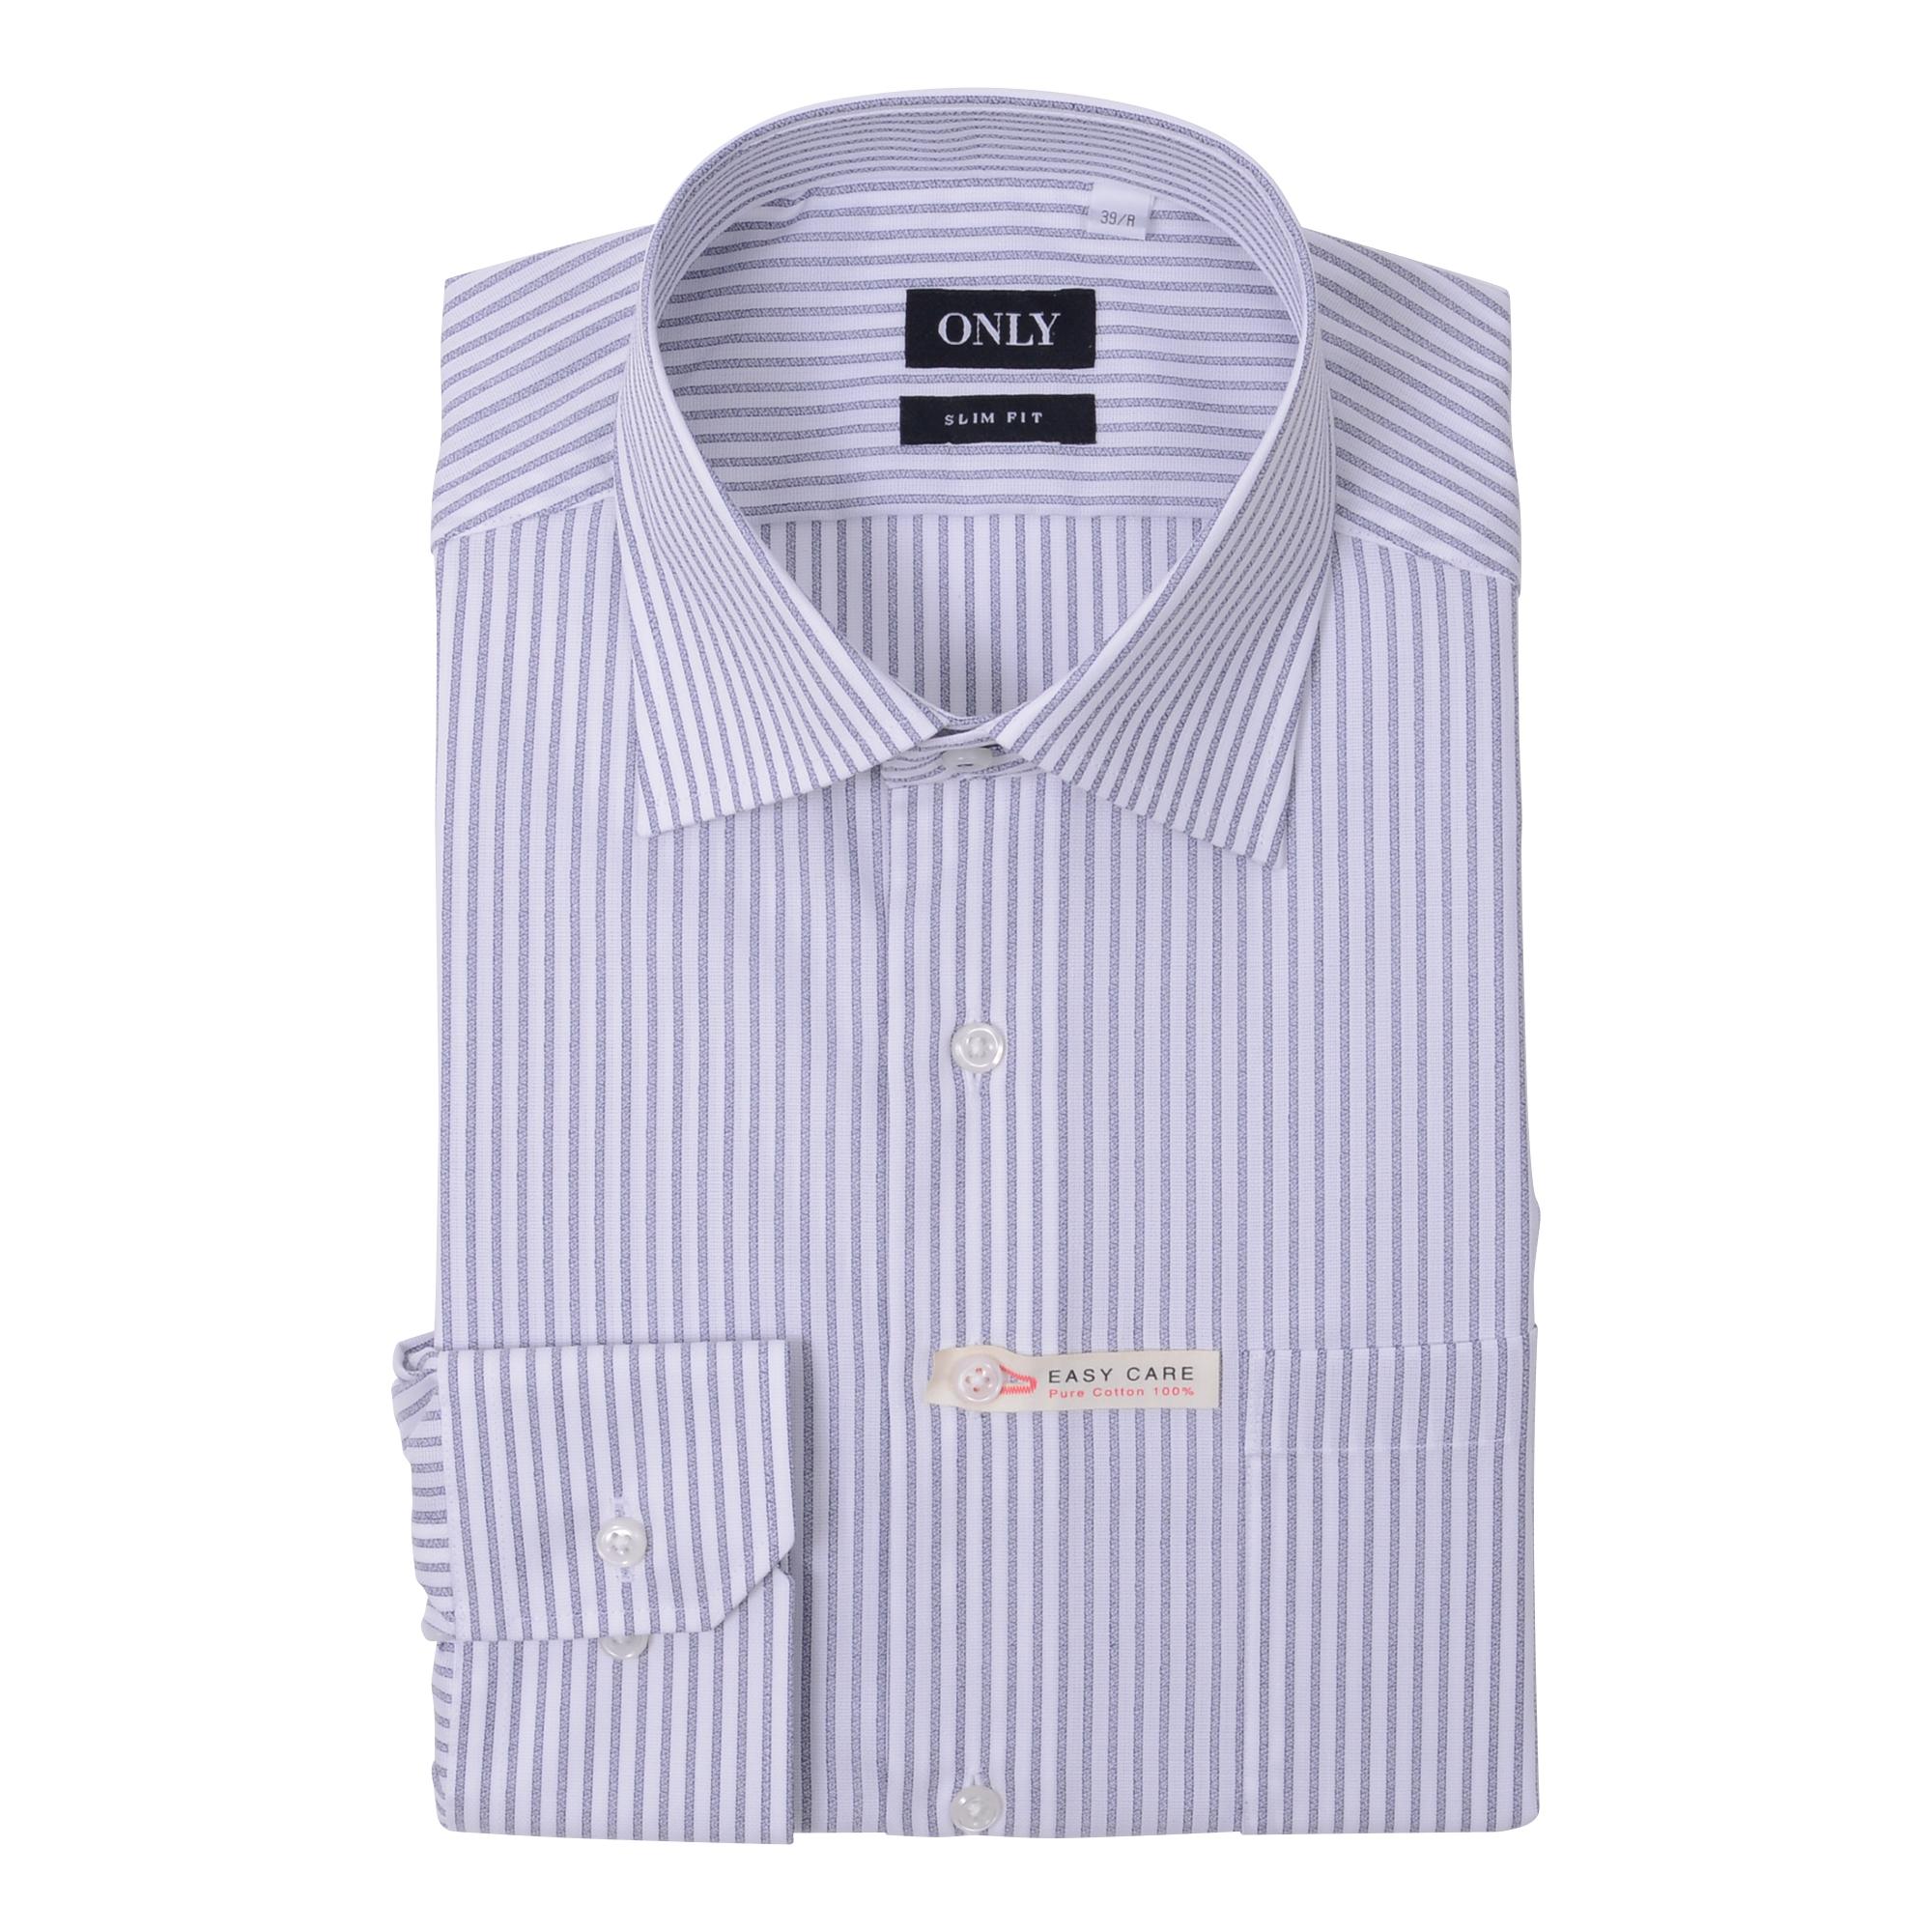 シャツ>ブルー/ストライプ1-0056-06-409¥4,800(税